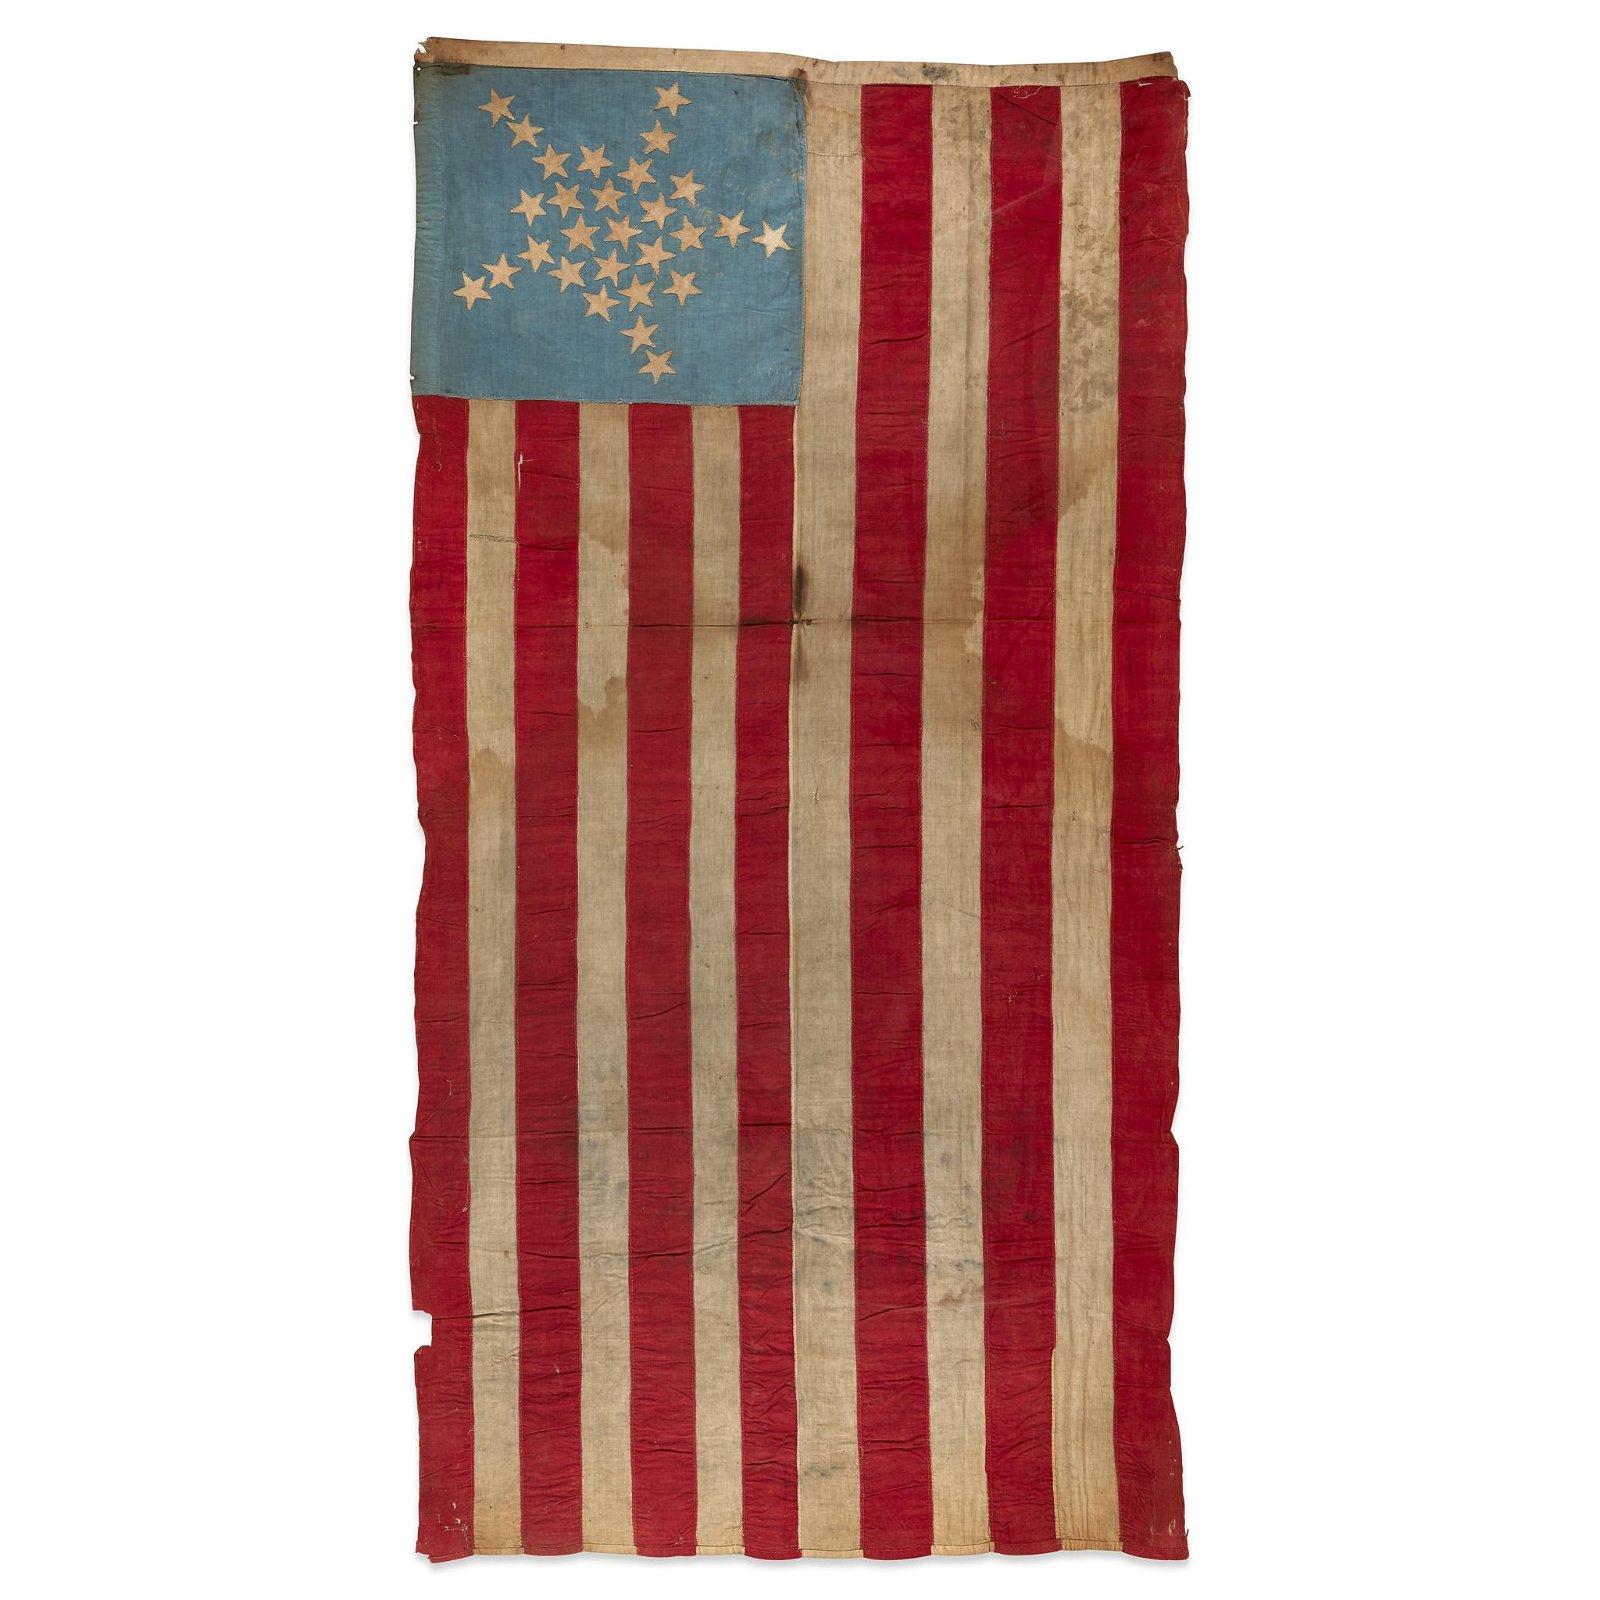 A 28-Star Great Star American Flag